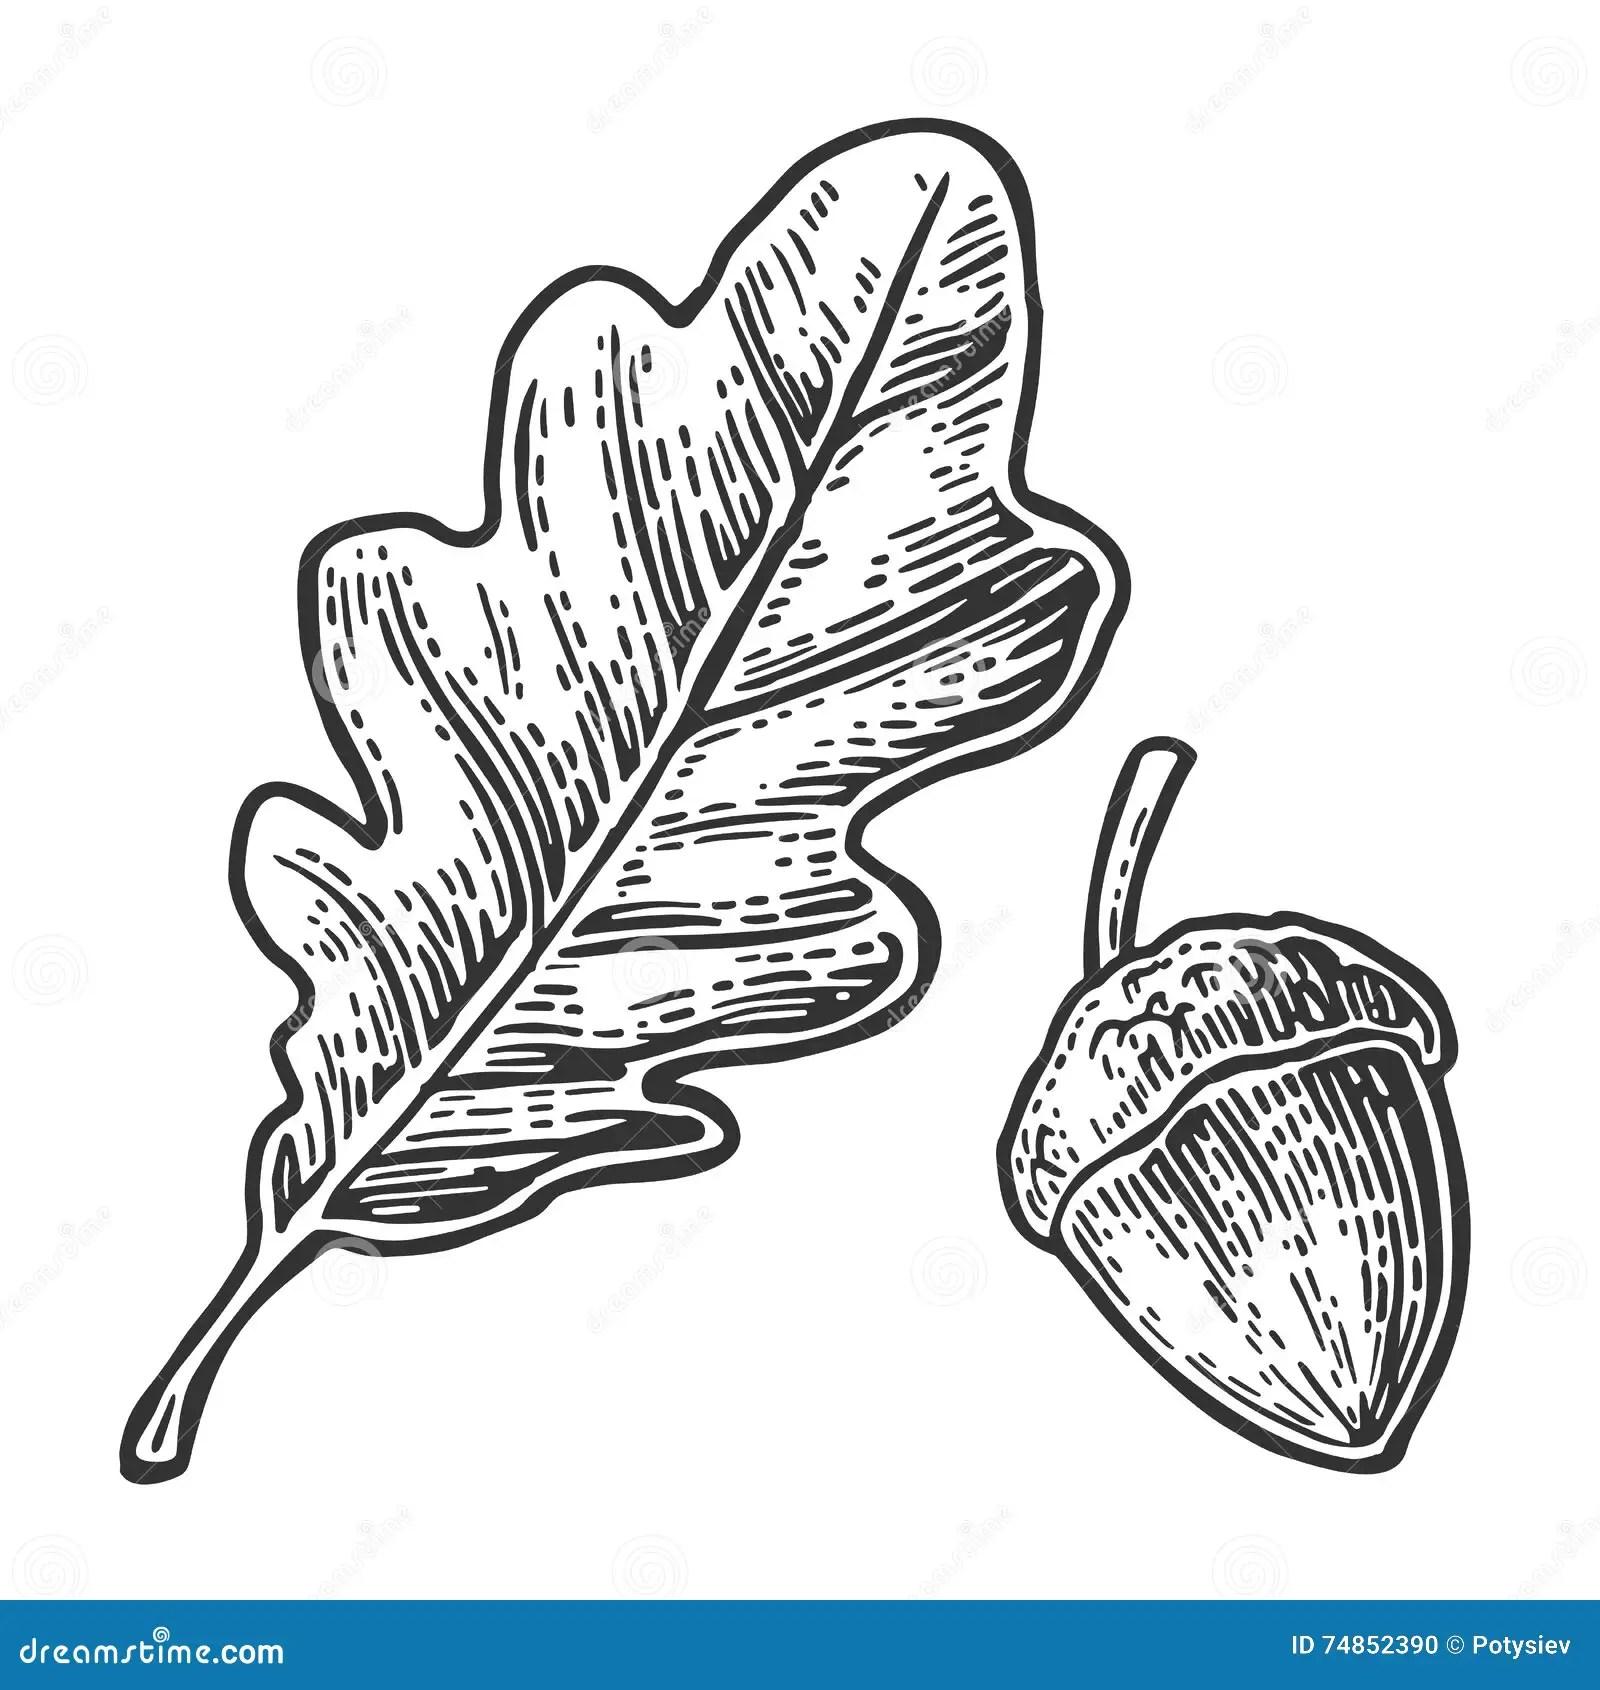 Oak Leaf And Acorn Vector Vintage Engraved Illustration